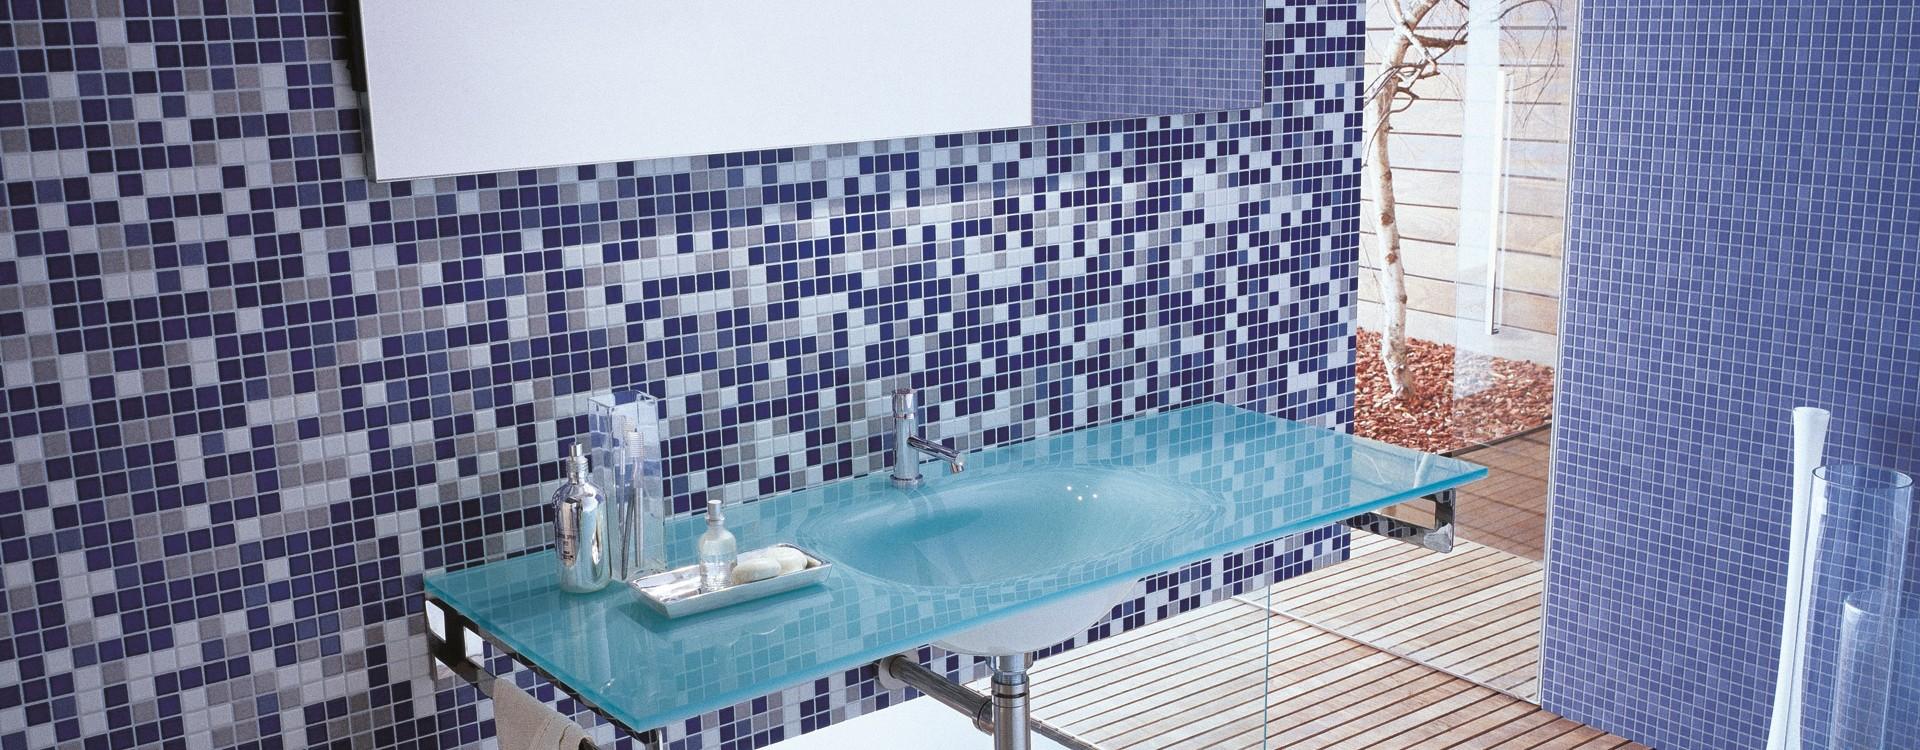 mix-13 - Malford Ceramics Tiles Singapore - Mosaics - Tiles ...